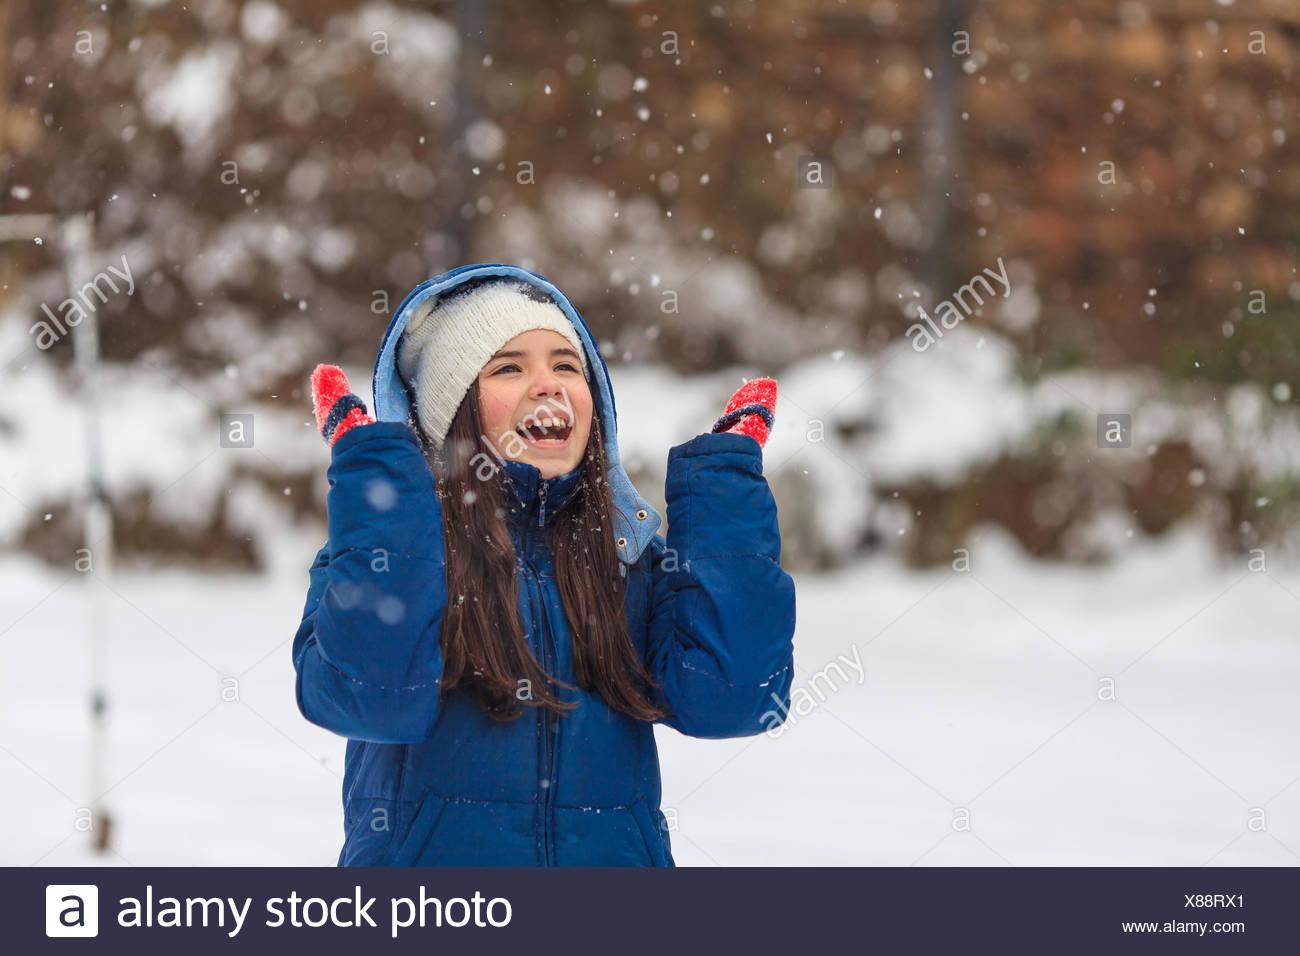 Chica con sus manos en el aire jugando en la nieve Imagen De Stock